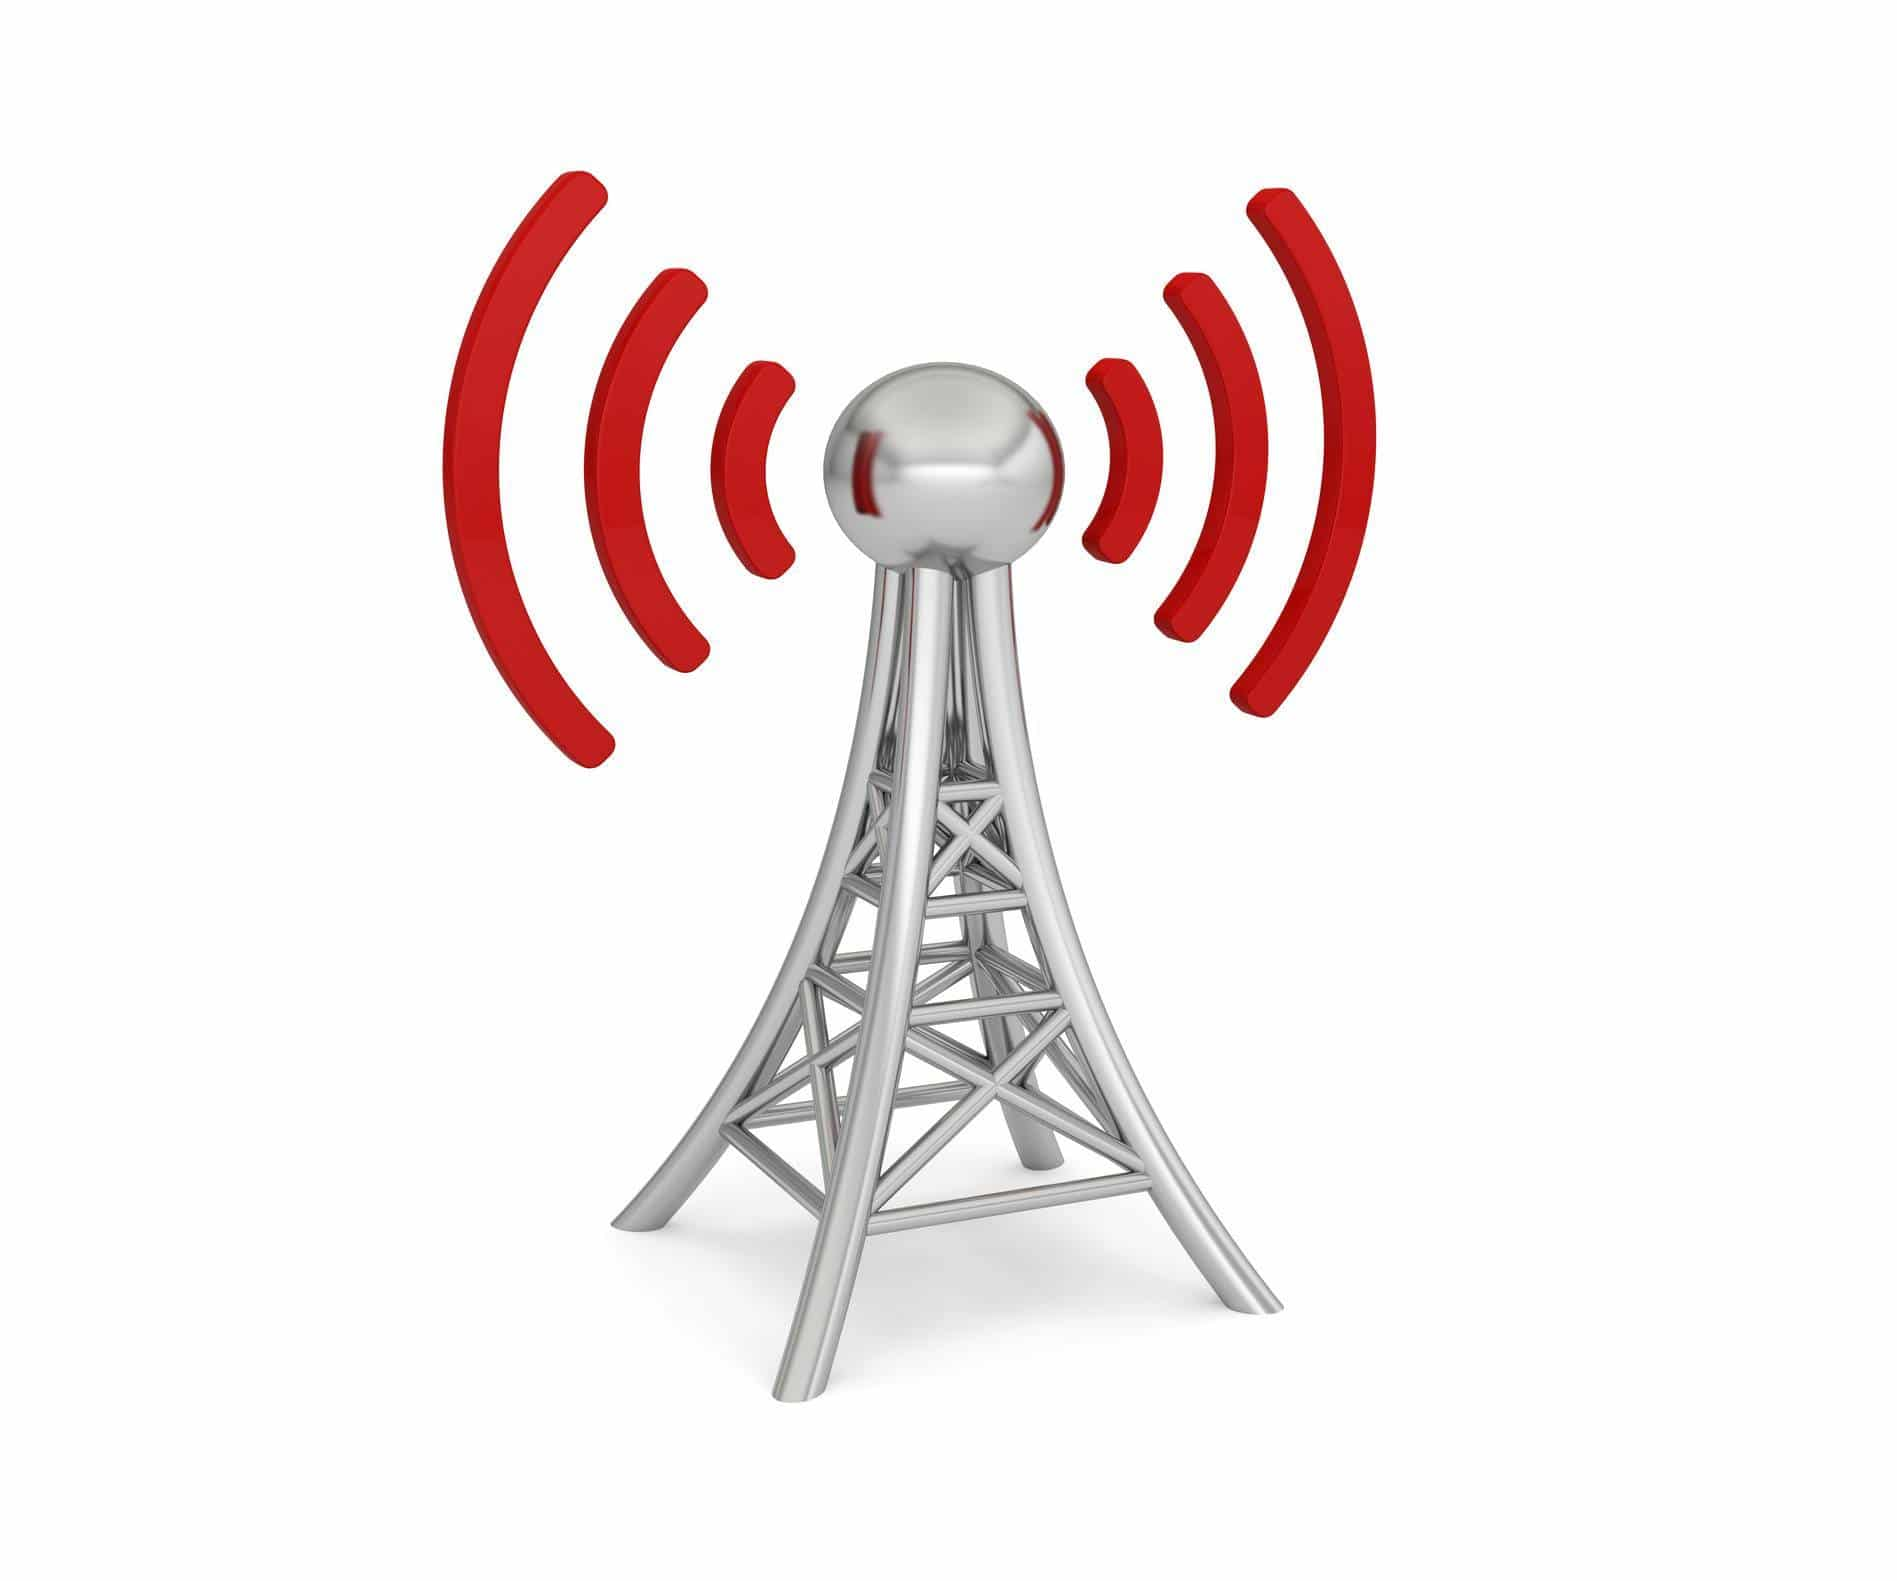 faisceau hertzien ; lutter contre pollution bande libre ; optimiser connexion wifi